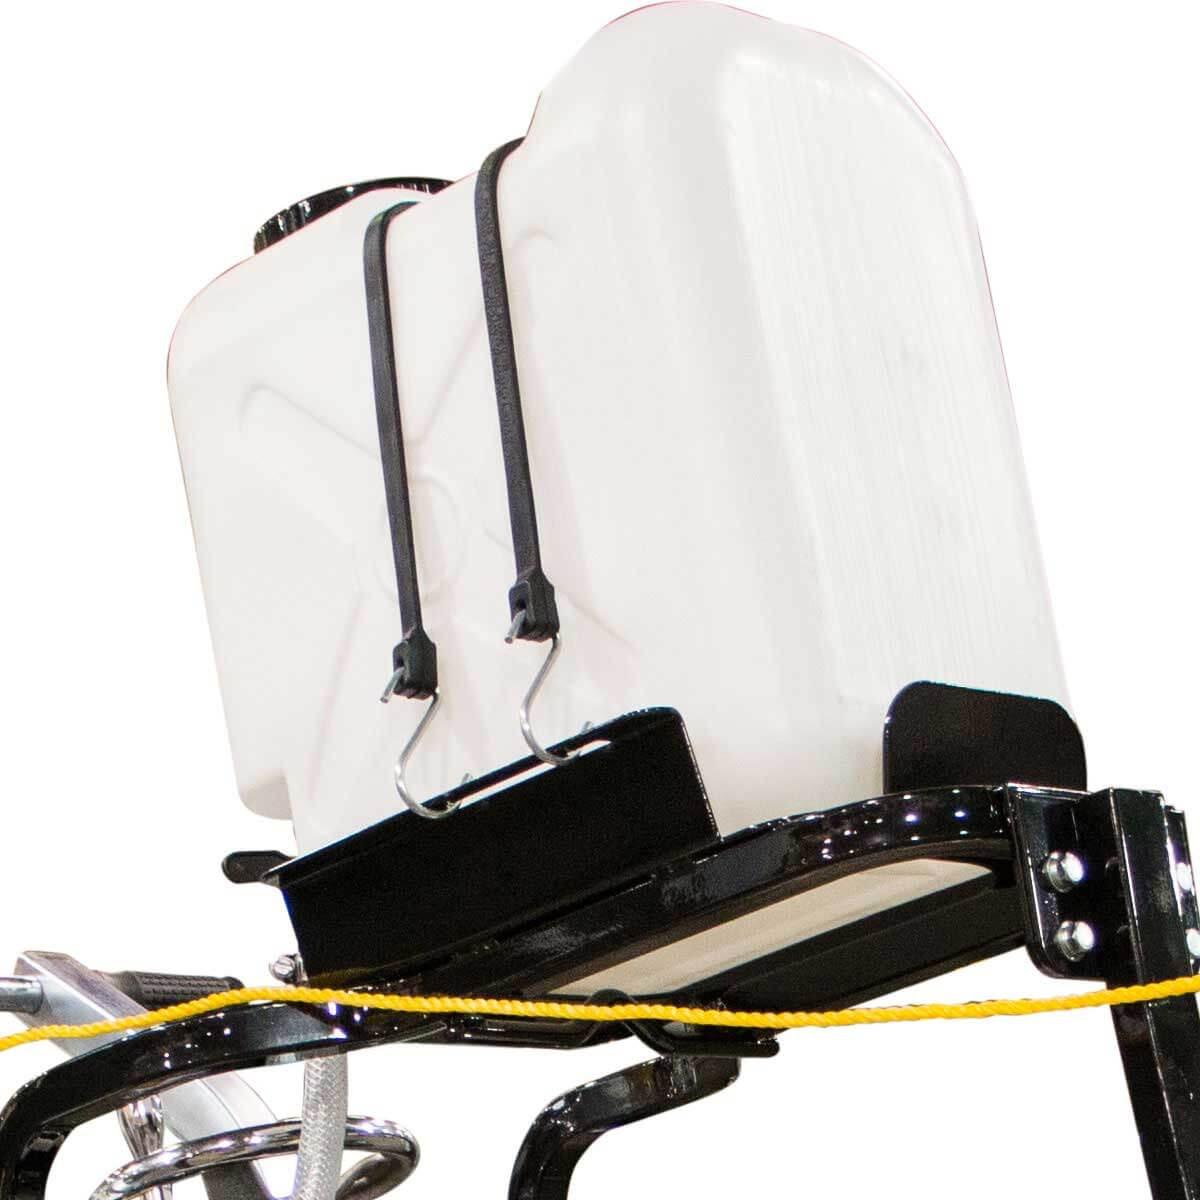 Core Cut CC1200XL Accessories